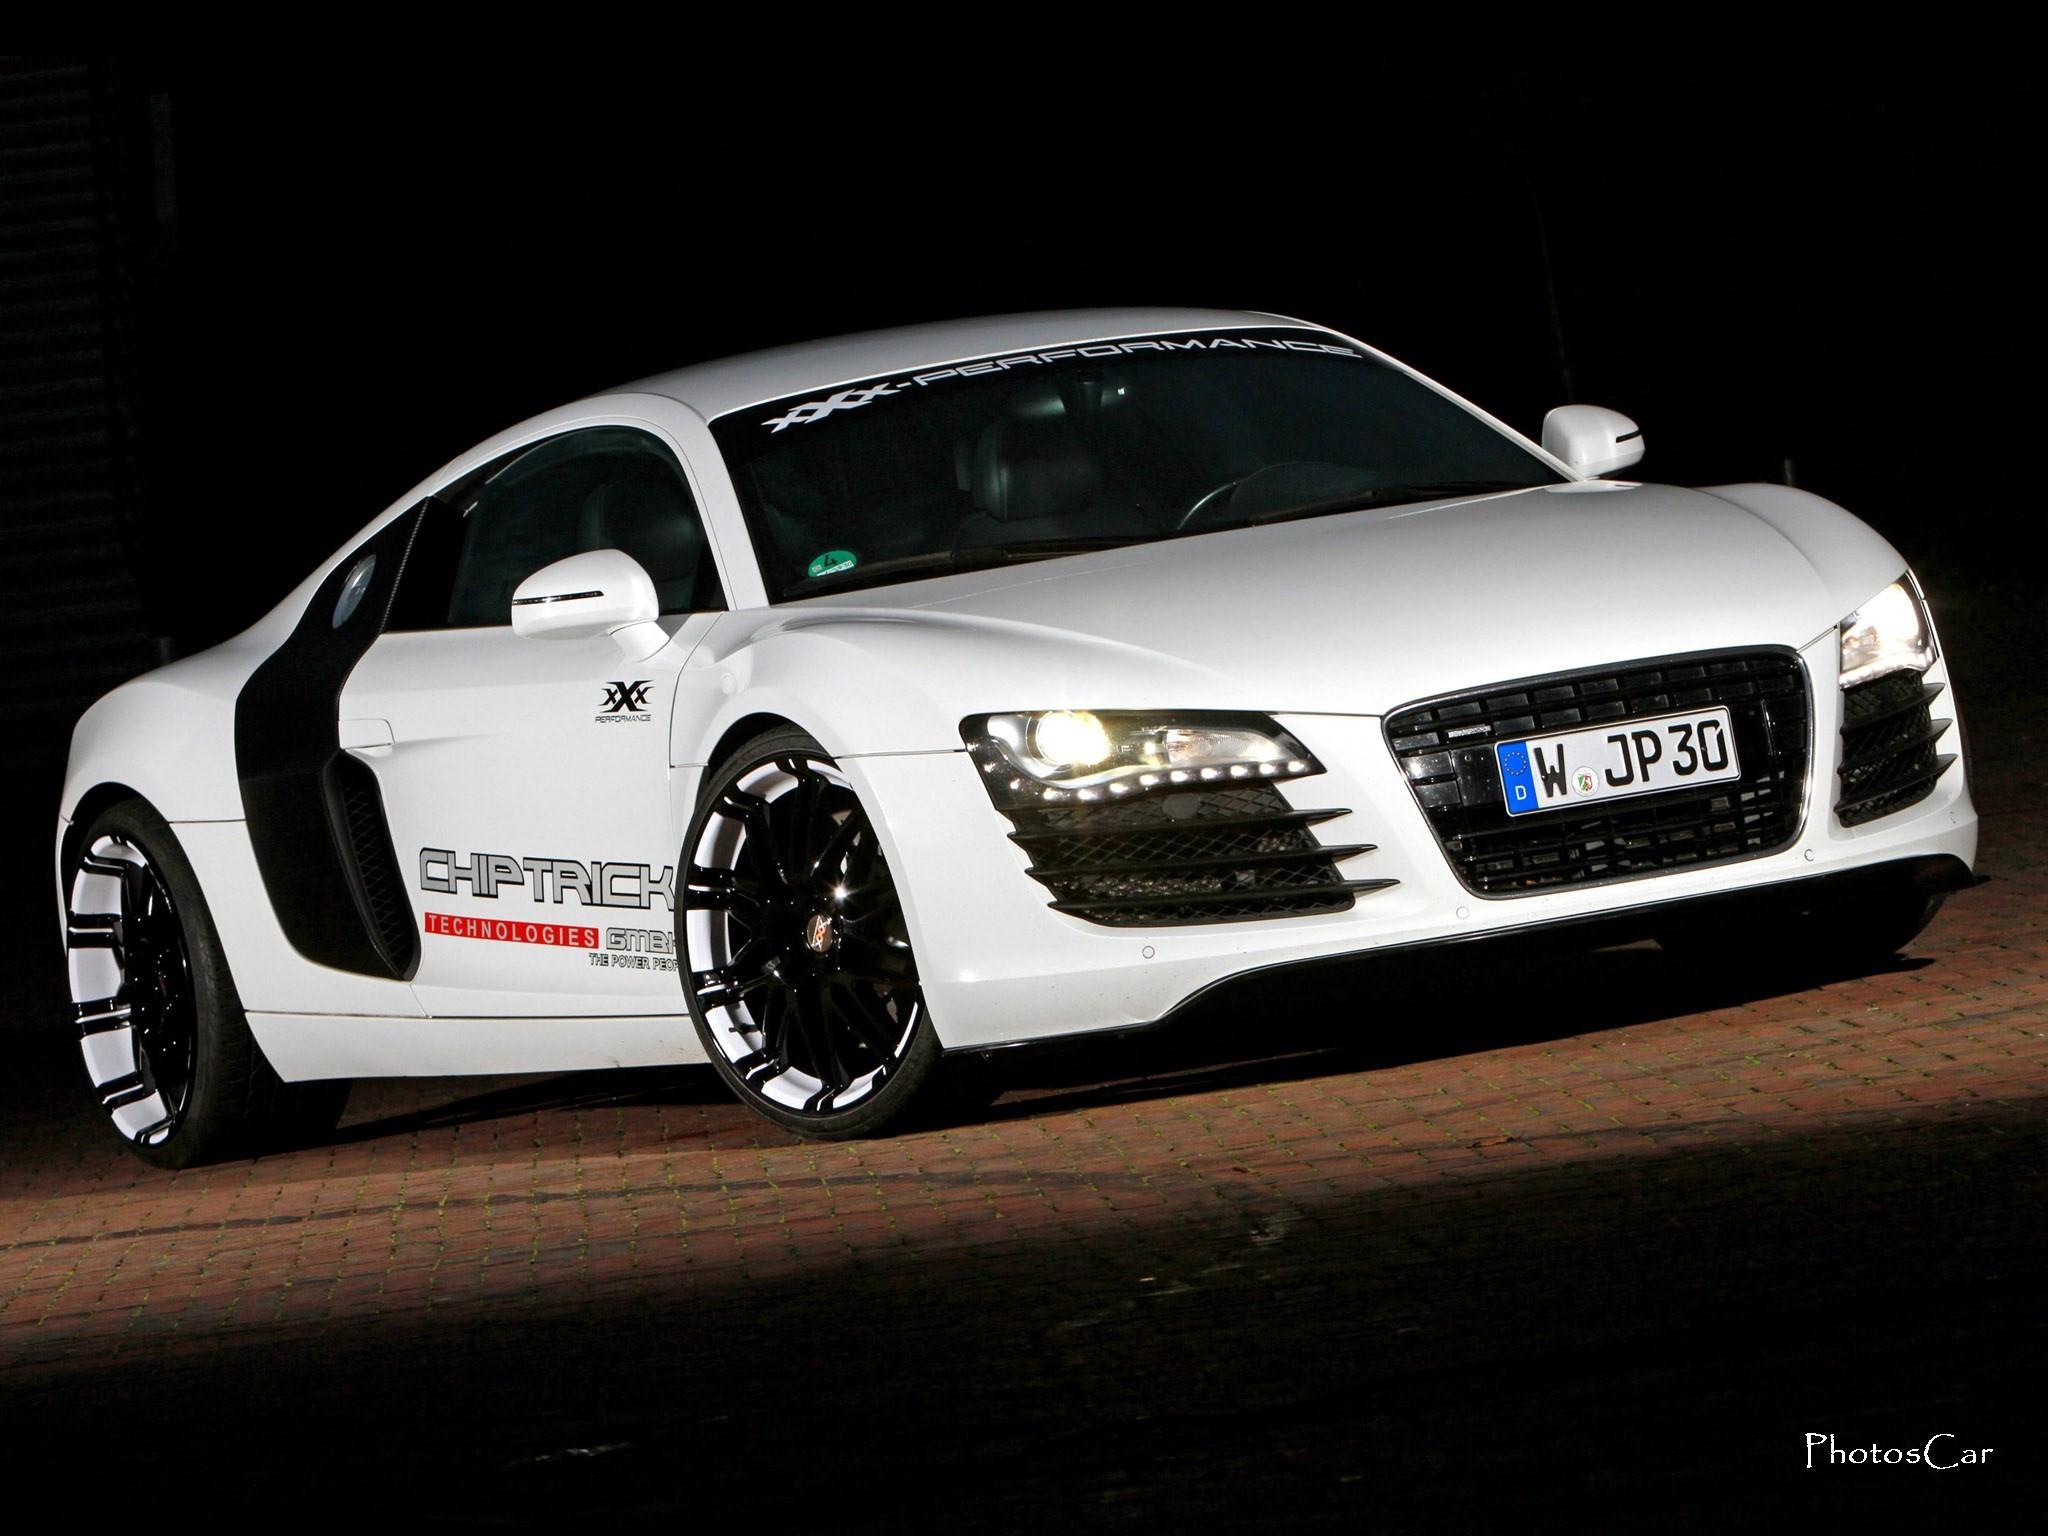 2013 xXx Performance - Audi R8 V8 FSI Quattro